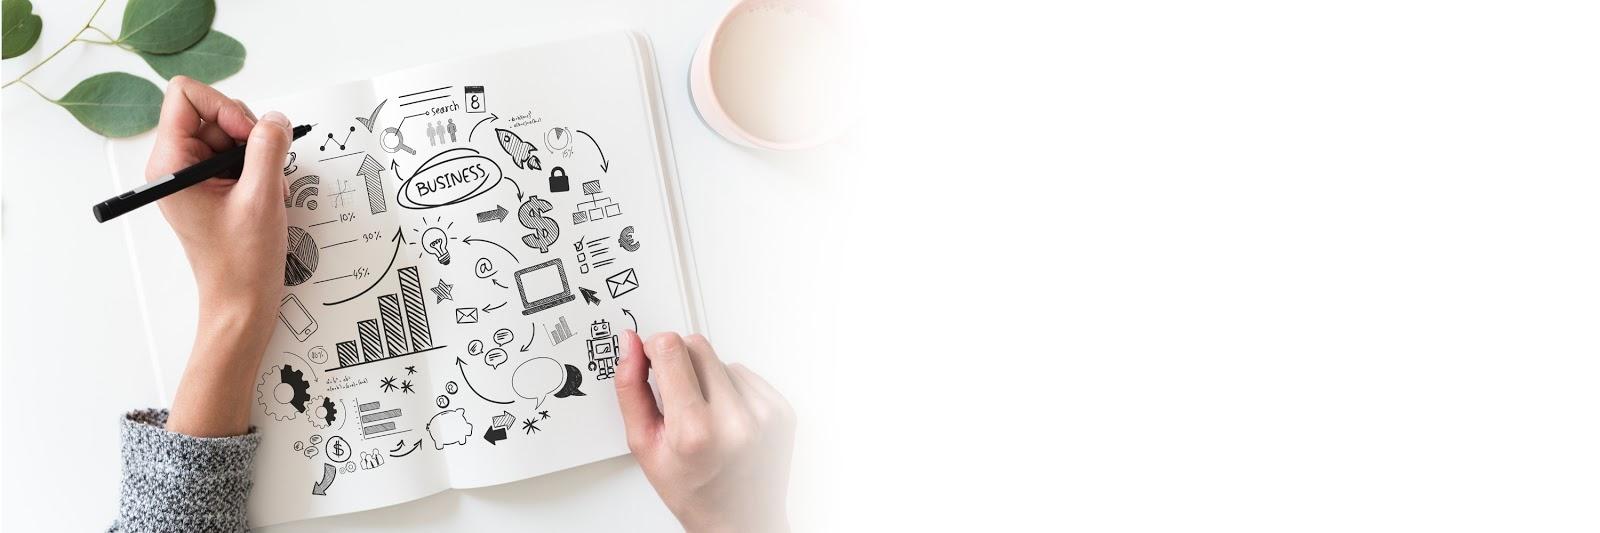 servicios para potenciar una marca en internet: estrategia digital, branding, marketing de contenidos